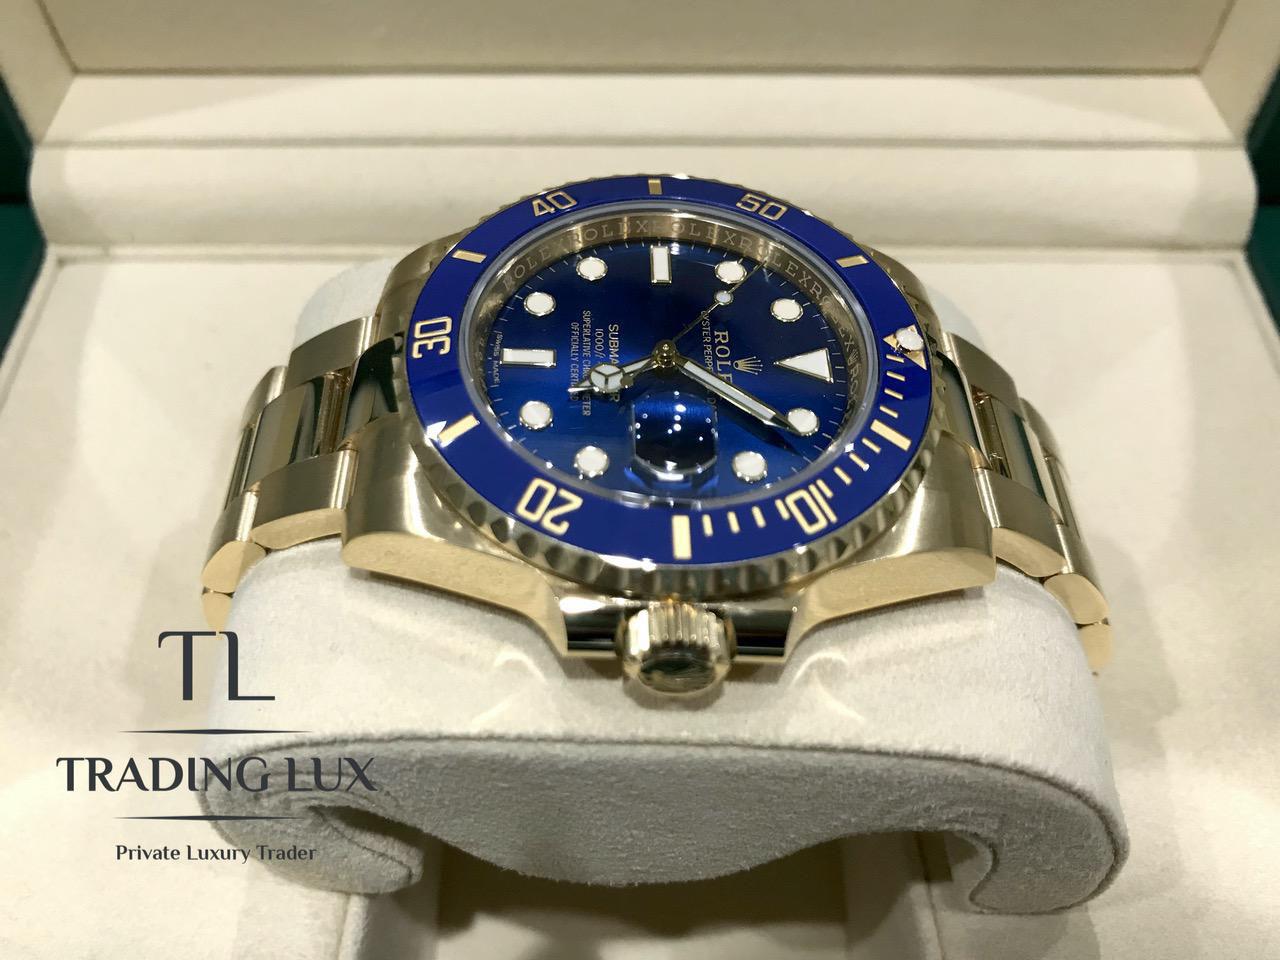 Rolex-Submariner-116618LB-6